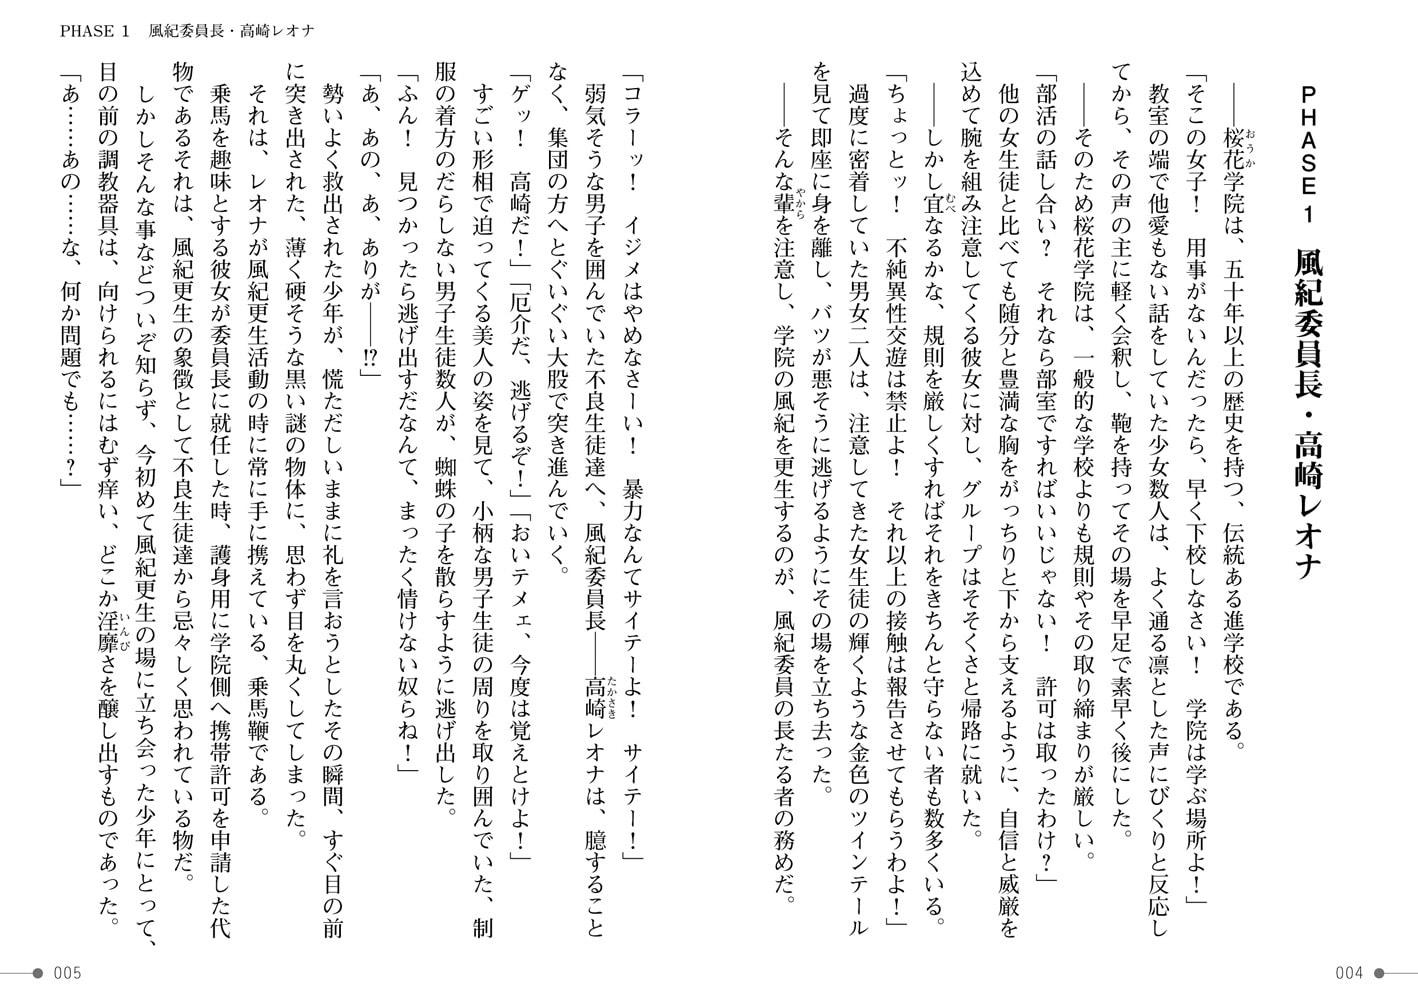 風紀委員長高崎レオナ催眠調教 ~催眠なんてかかるわけないじゃない~